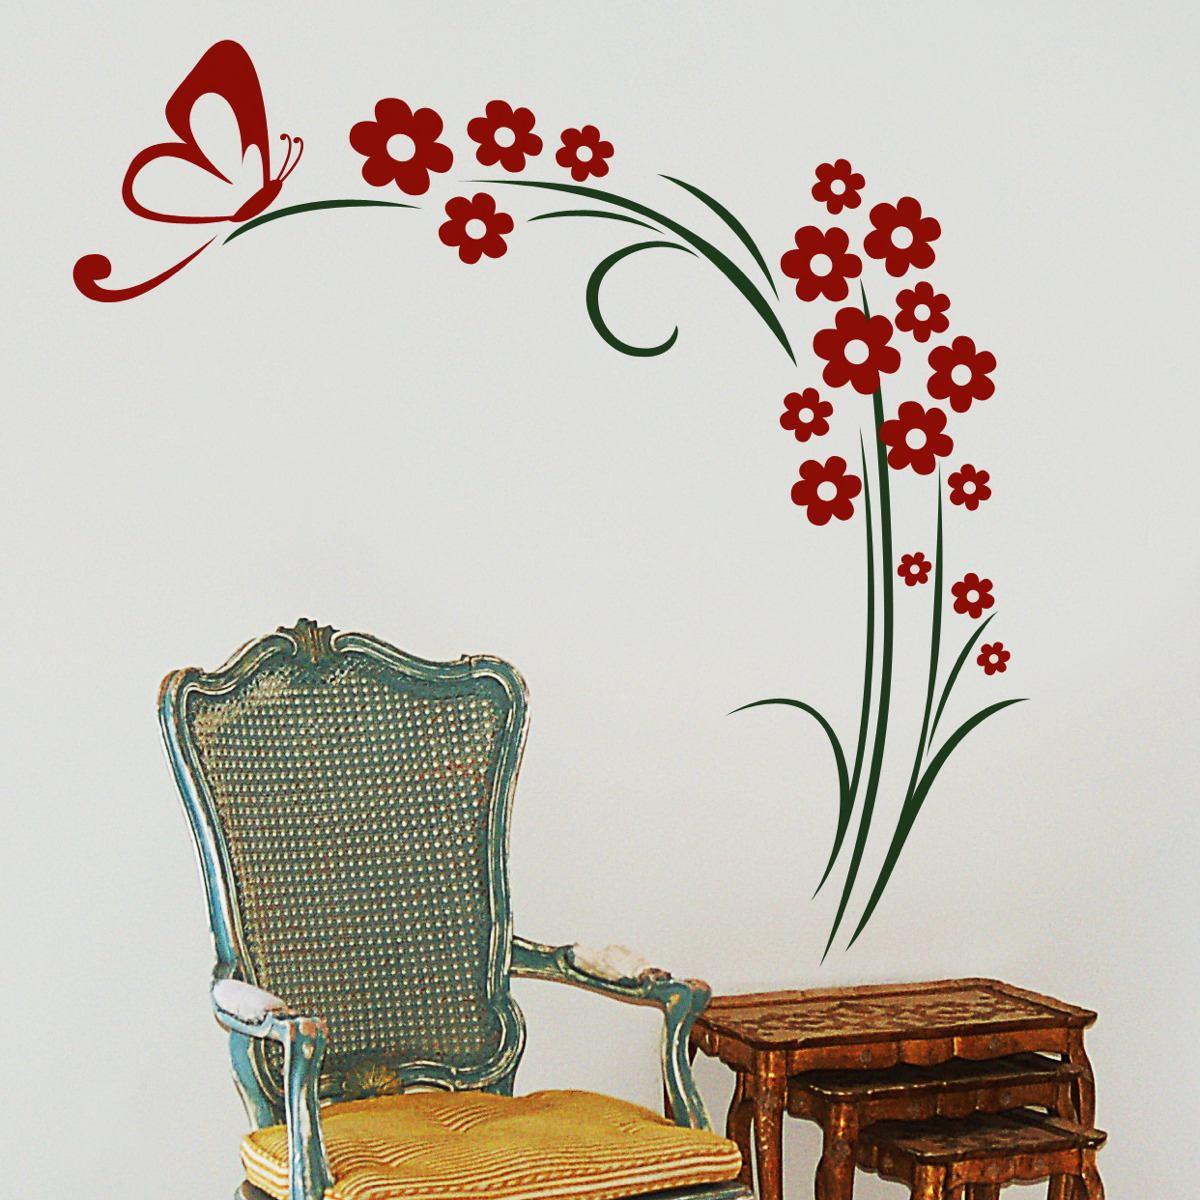 Adesivo Arranjo Flores E Borboleta No Elo7 Adesivos De Parede